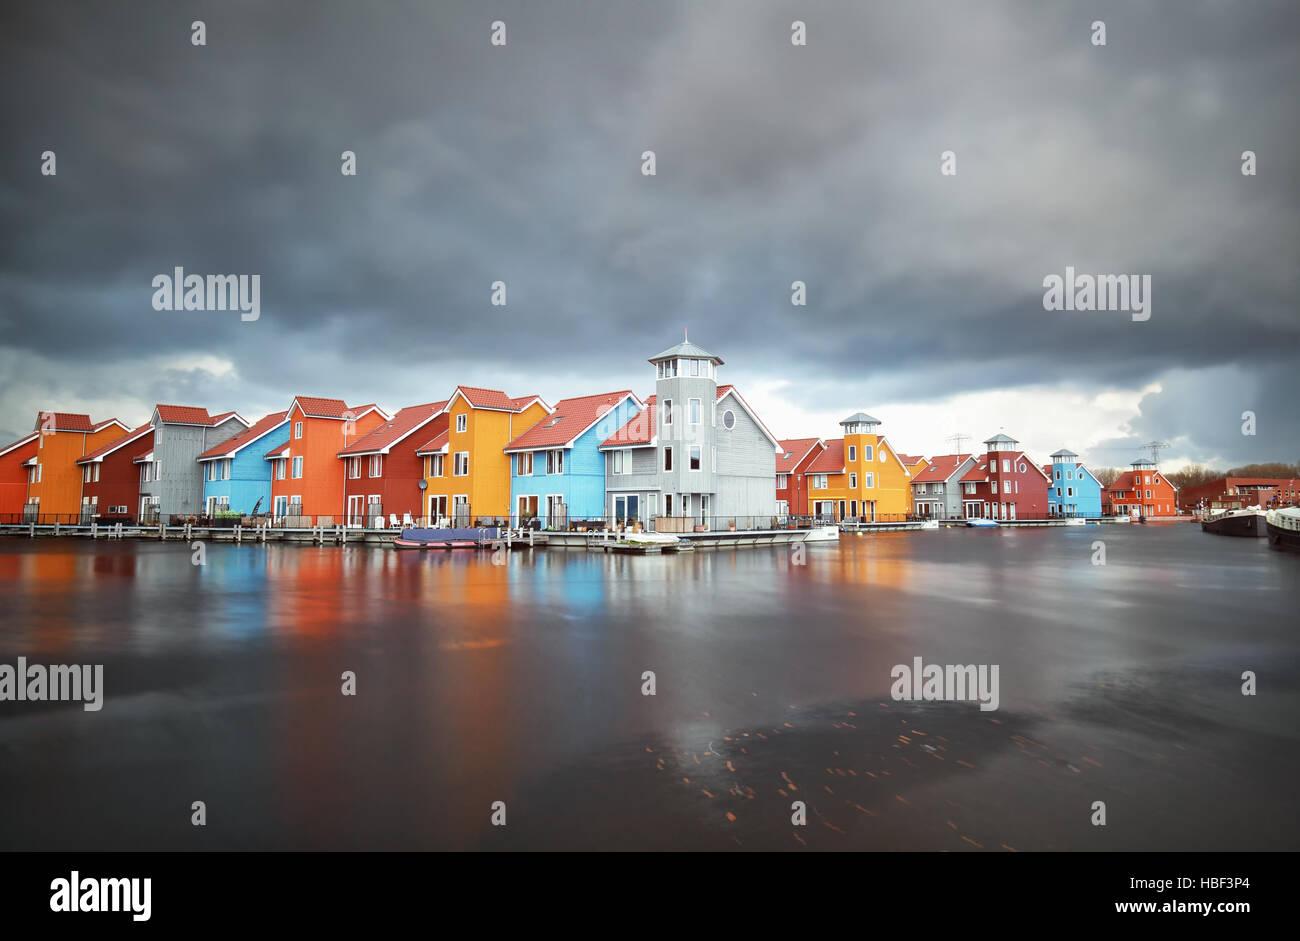 Gli edifici colorati in acqua durante la tempesta Immagini Stock